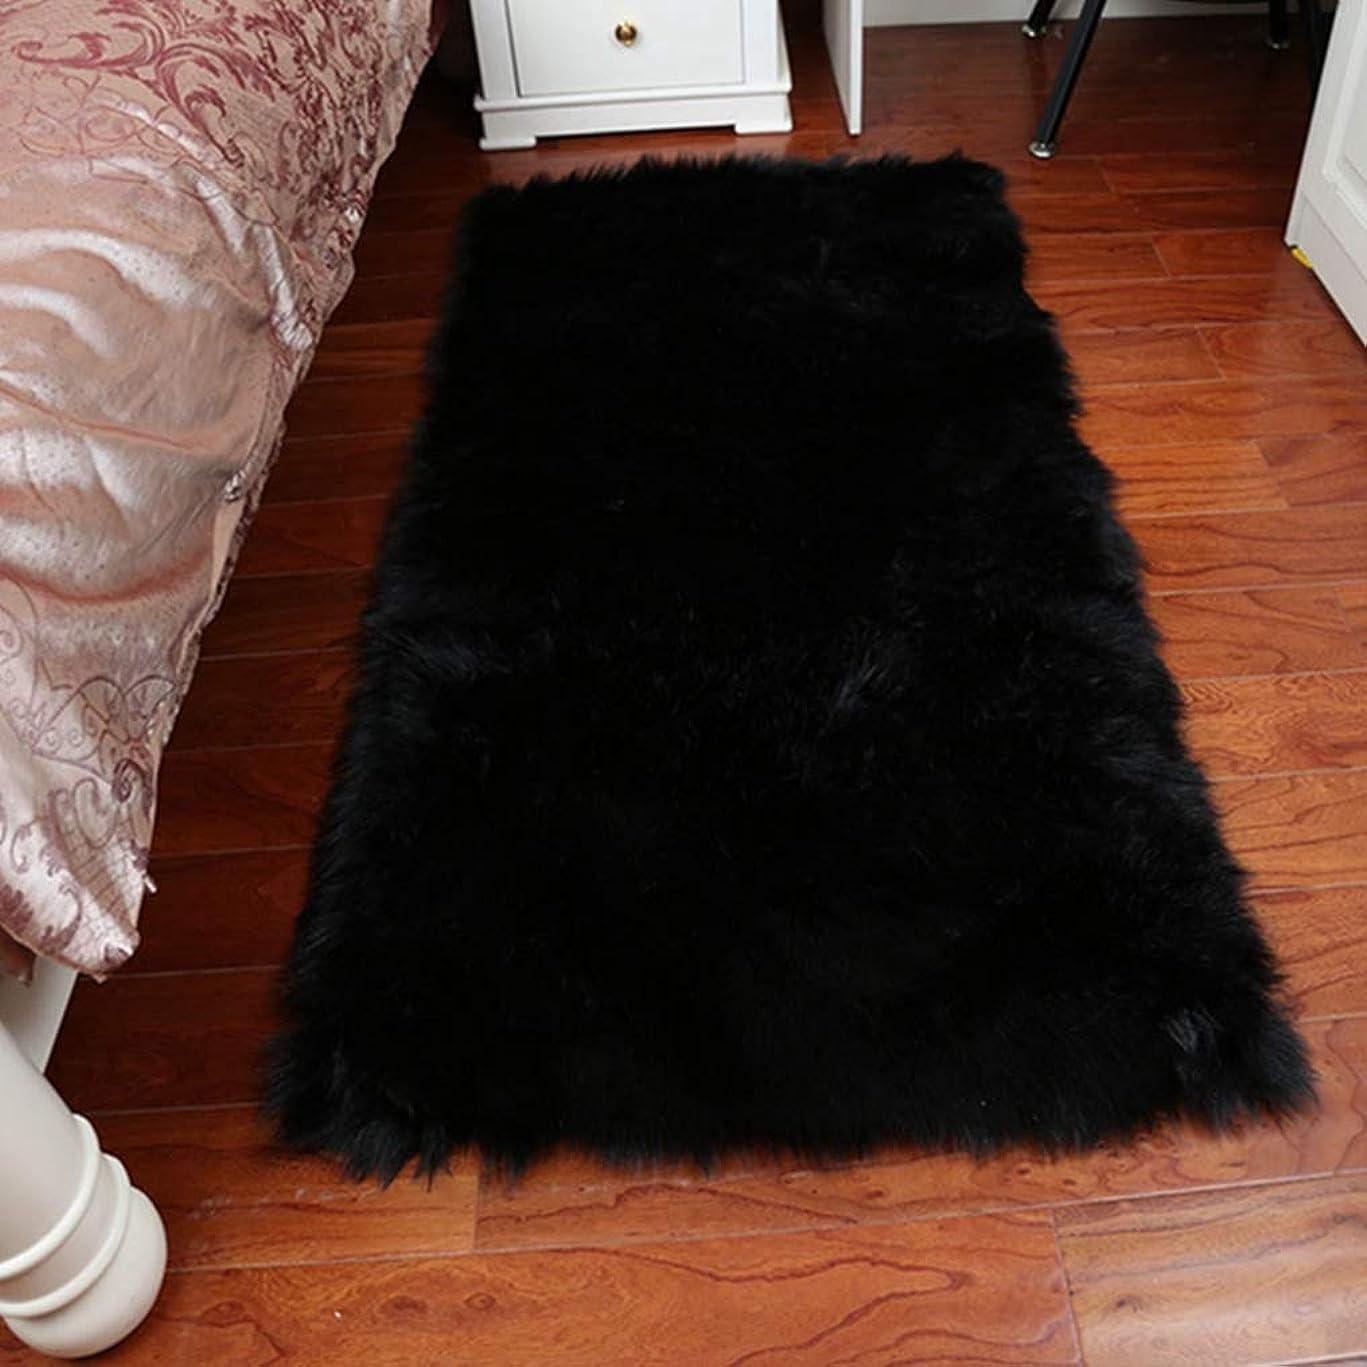 バリケードブレーク法律によりカーペット 北欧風 洗える 防音 長方形 23色選べる 滑り止め付き 寝室 床暖房 冷房対応 ラグ 夏用 抗菌 消臭 室内 ブラック リビング用 70*180 ラグ ラグマット ホットカーペットカバー対応 カーペット